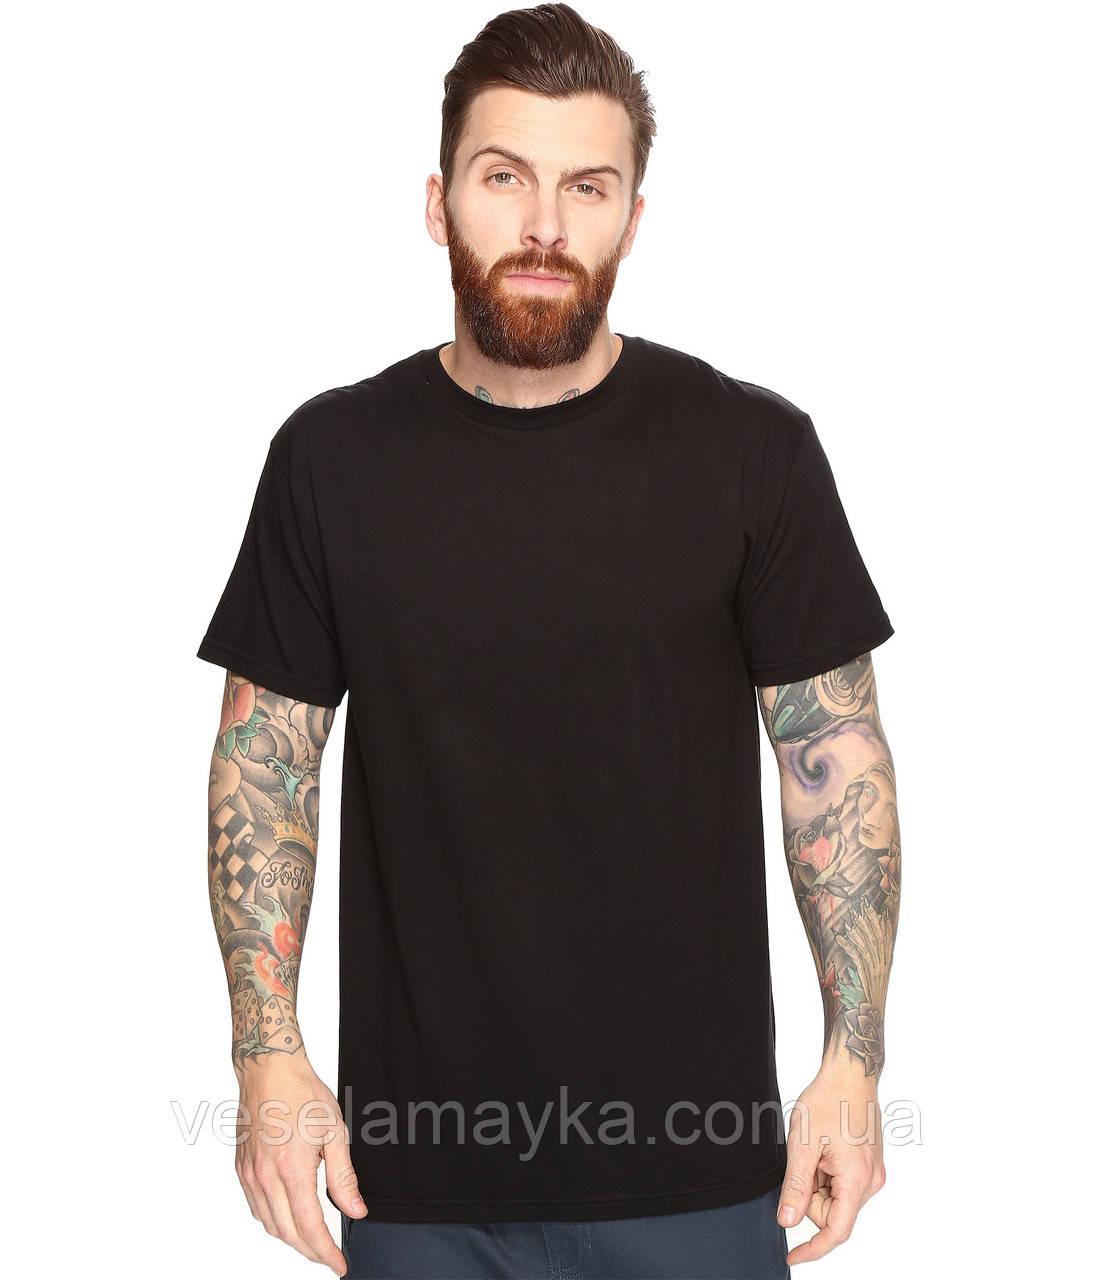 Черная мужская футболка (Комфорт)